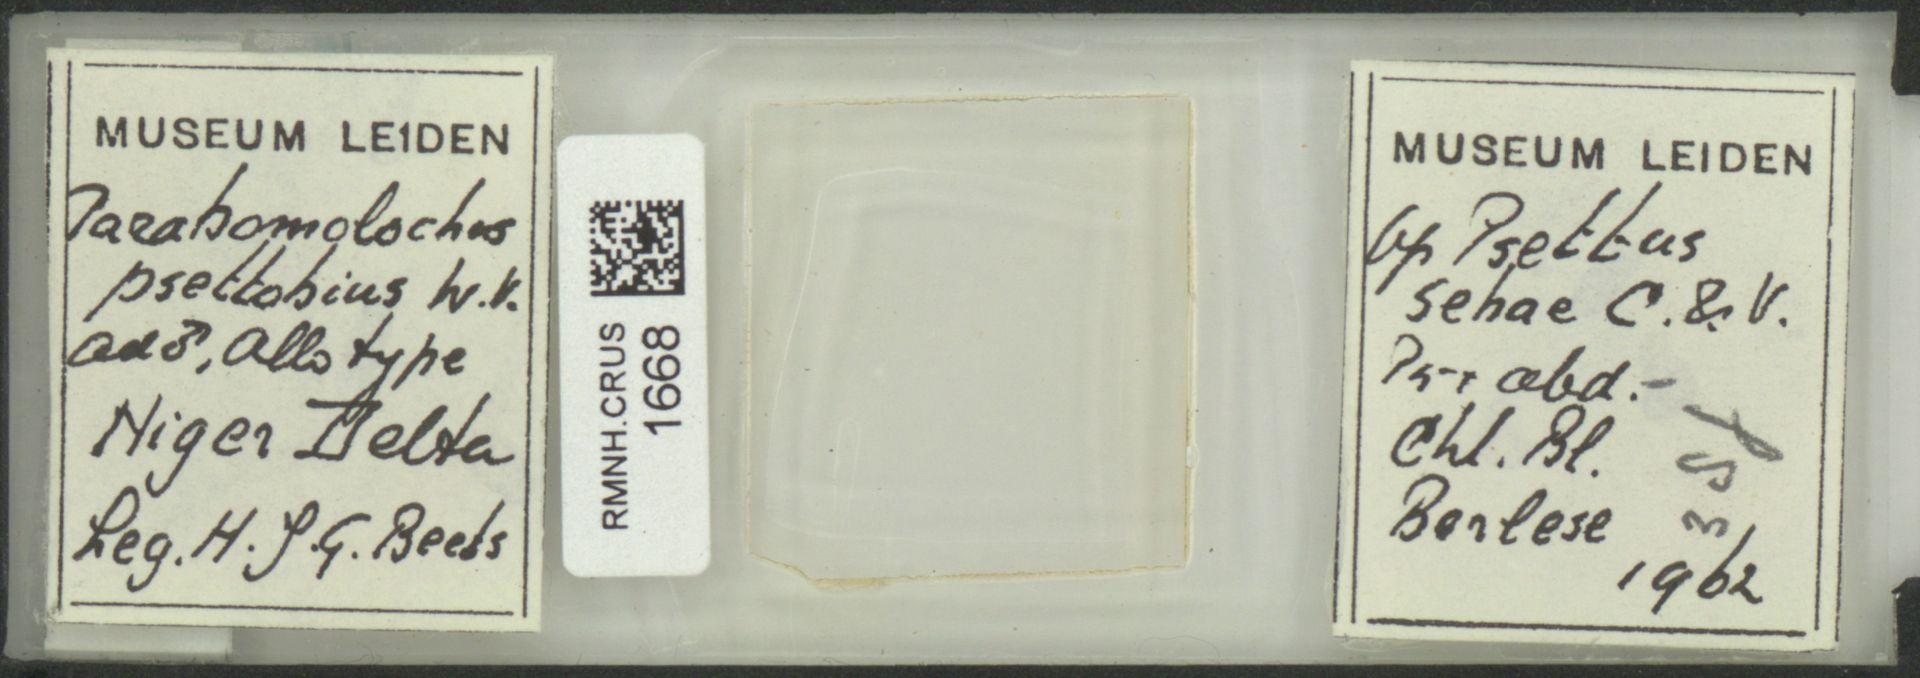 RMNH.CRUS.1668 | Parabomolochus psettobius Vervoort, 1962